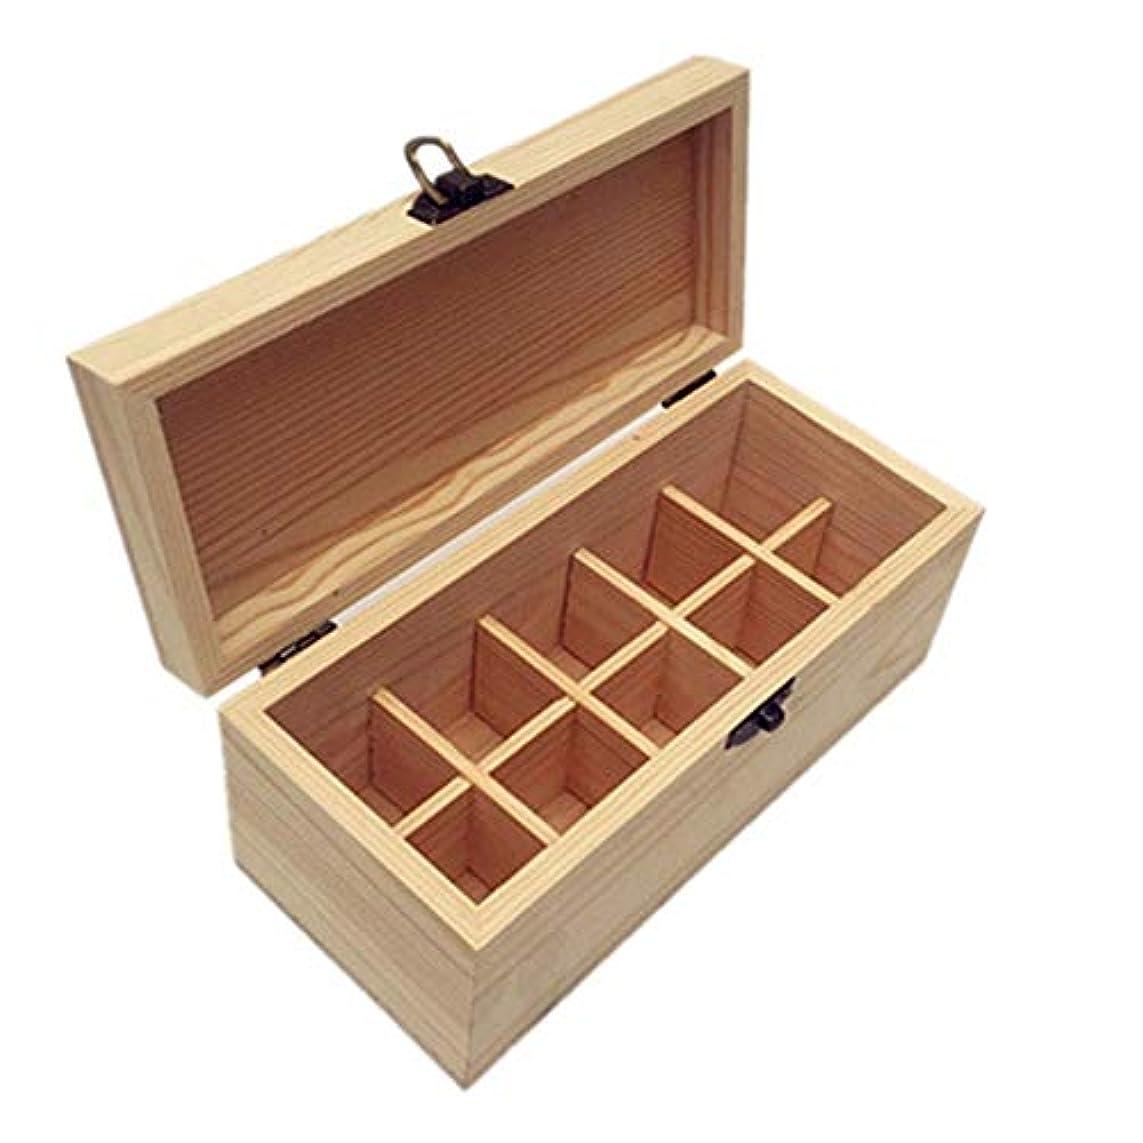 詩元のどれエッセンシャルオイルストレージボックス 10個のスロット木製のエッセンシャルオイルアロマオイルボトル用ストレージボックスオーガナイザー 旅行およびプレゼンテーション用 (色 : Natural, サイズ : 21.2X9.5X9CM)